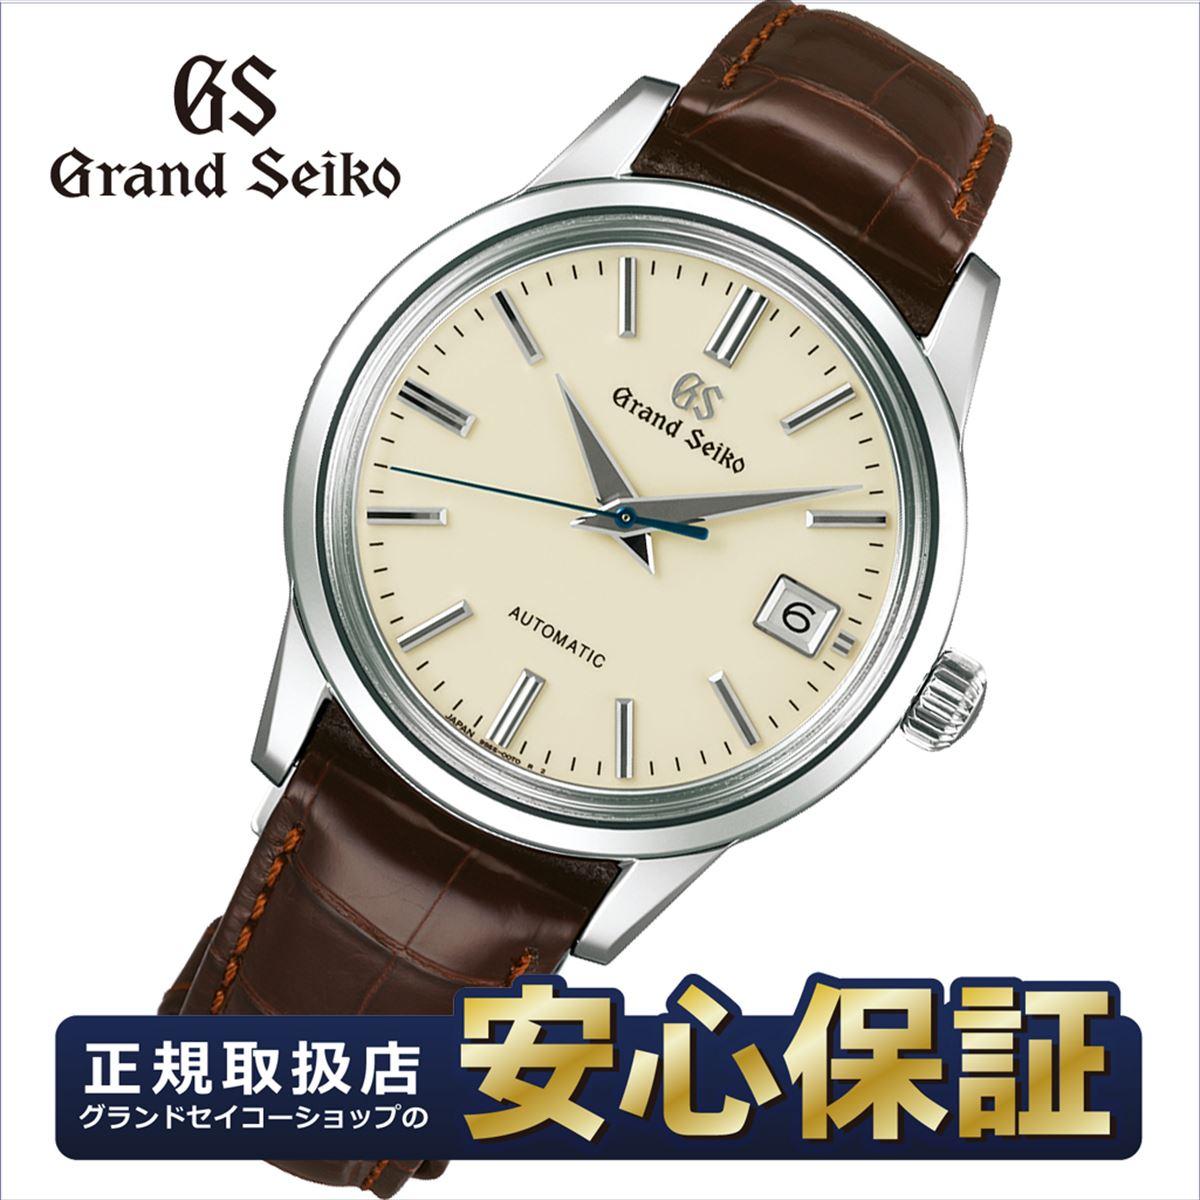 腕時計, メンズ腕時計 10OFF2195930GSSEIKO SBGR261 GRAND SEIKO NLGS10spl